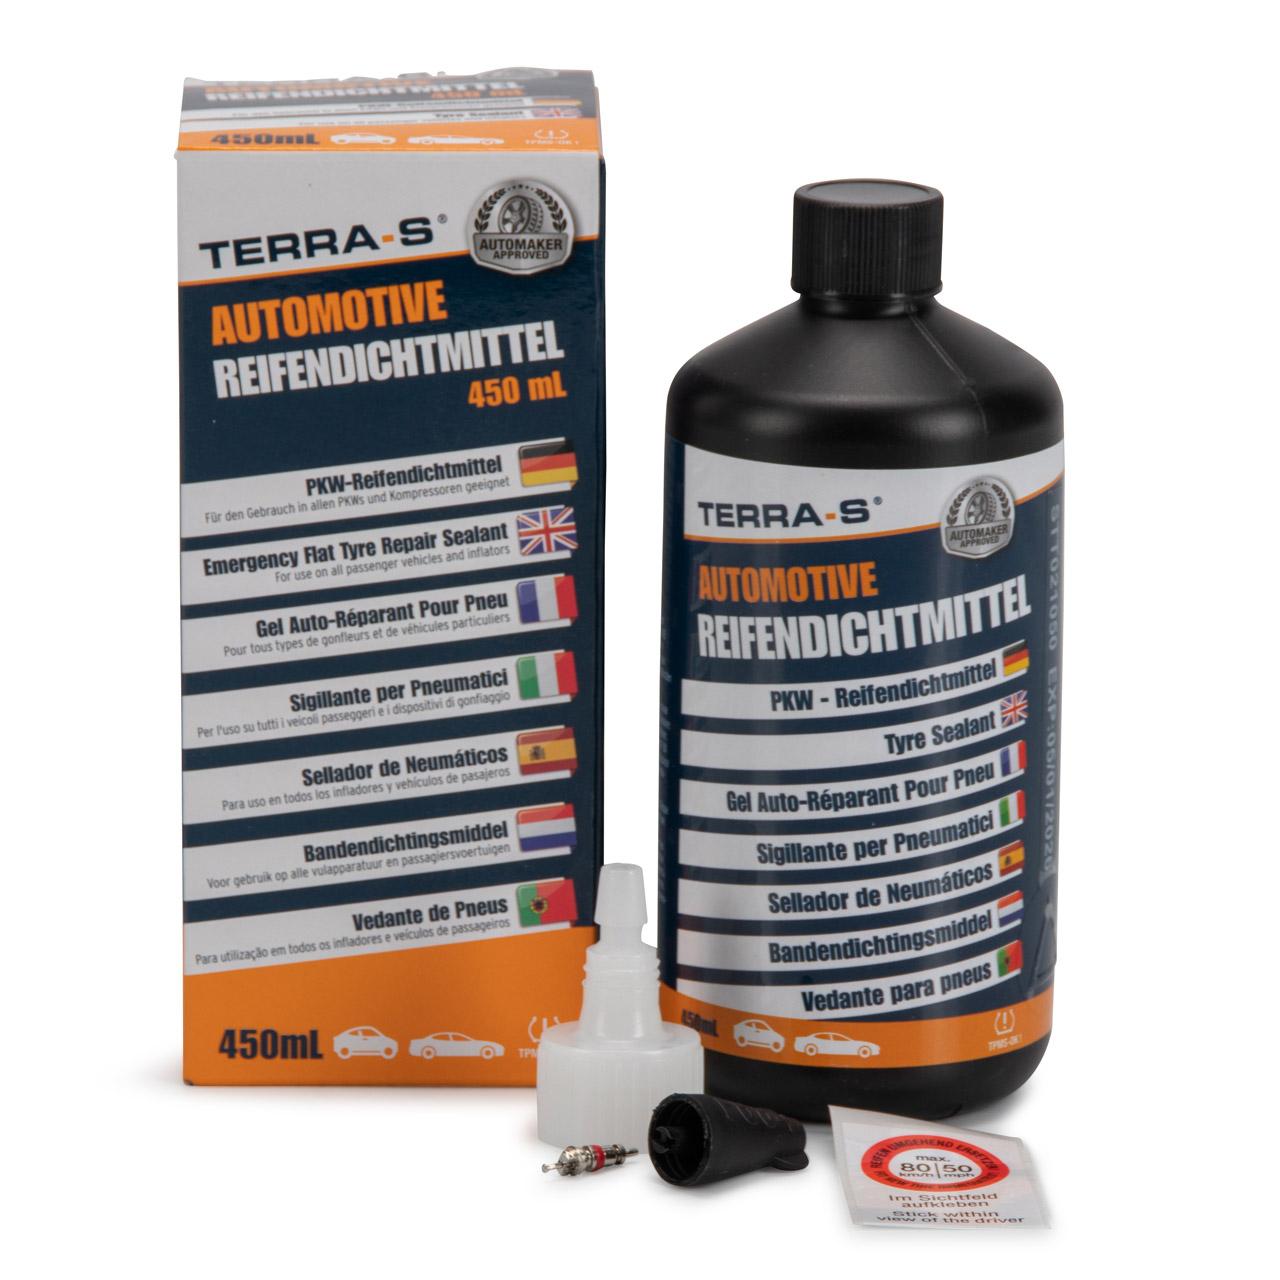 TERRA S T16000 MOBIL KIT Ersatzflasche Nachfüllflasche 450 ml Dichtmittel